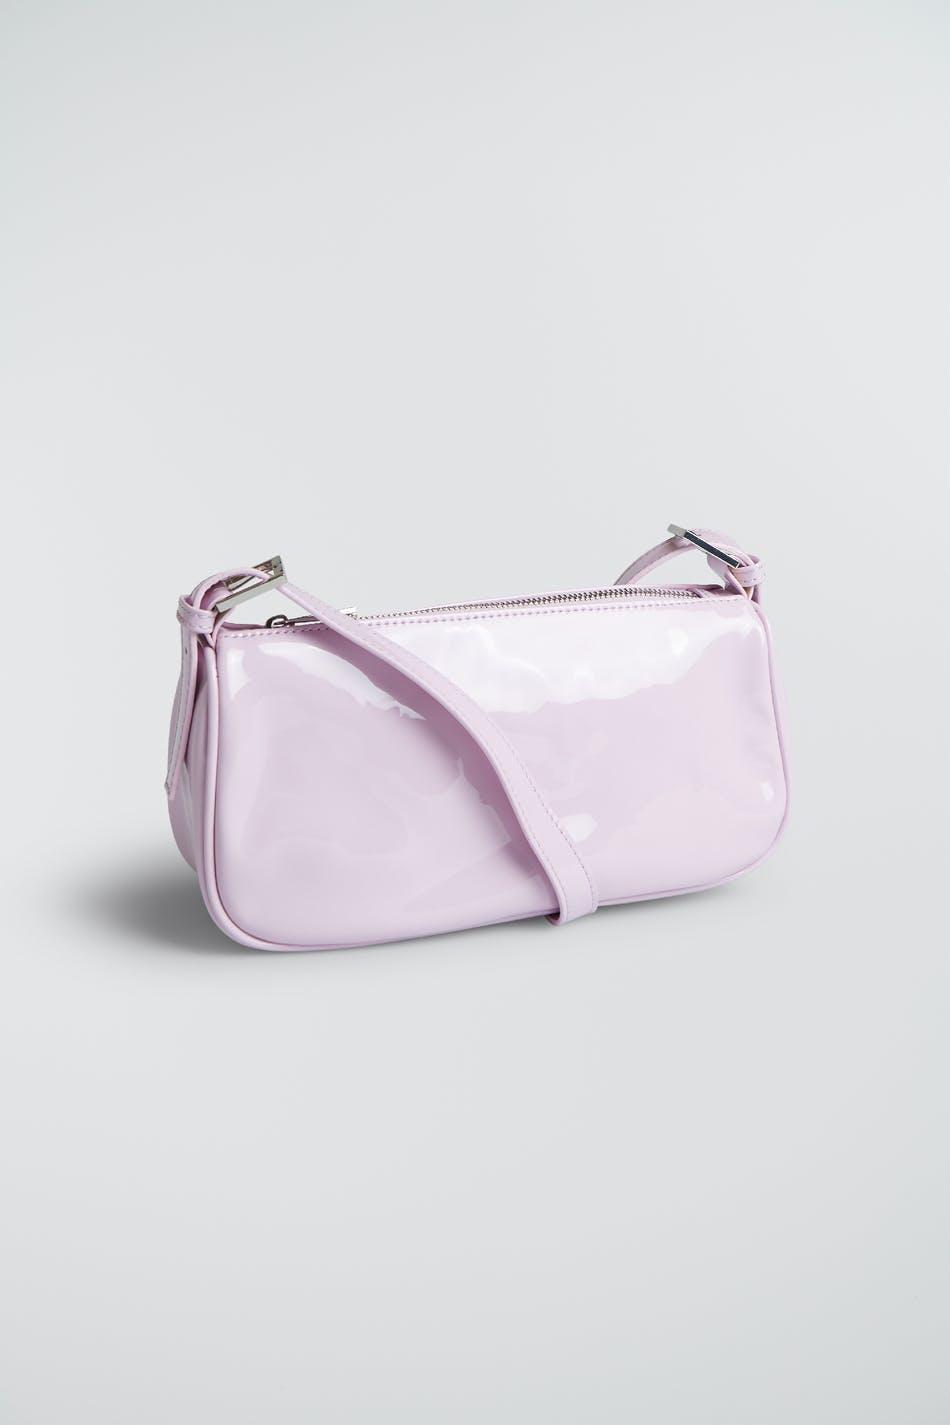 Nilla väska, Väskor Shoppa väskor som passar dig Gina Tricot